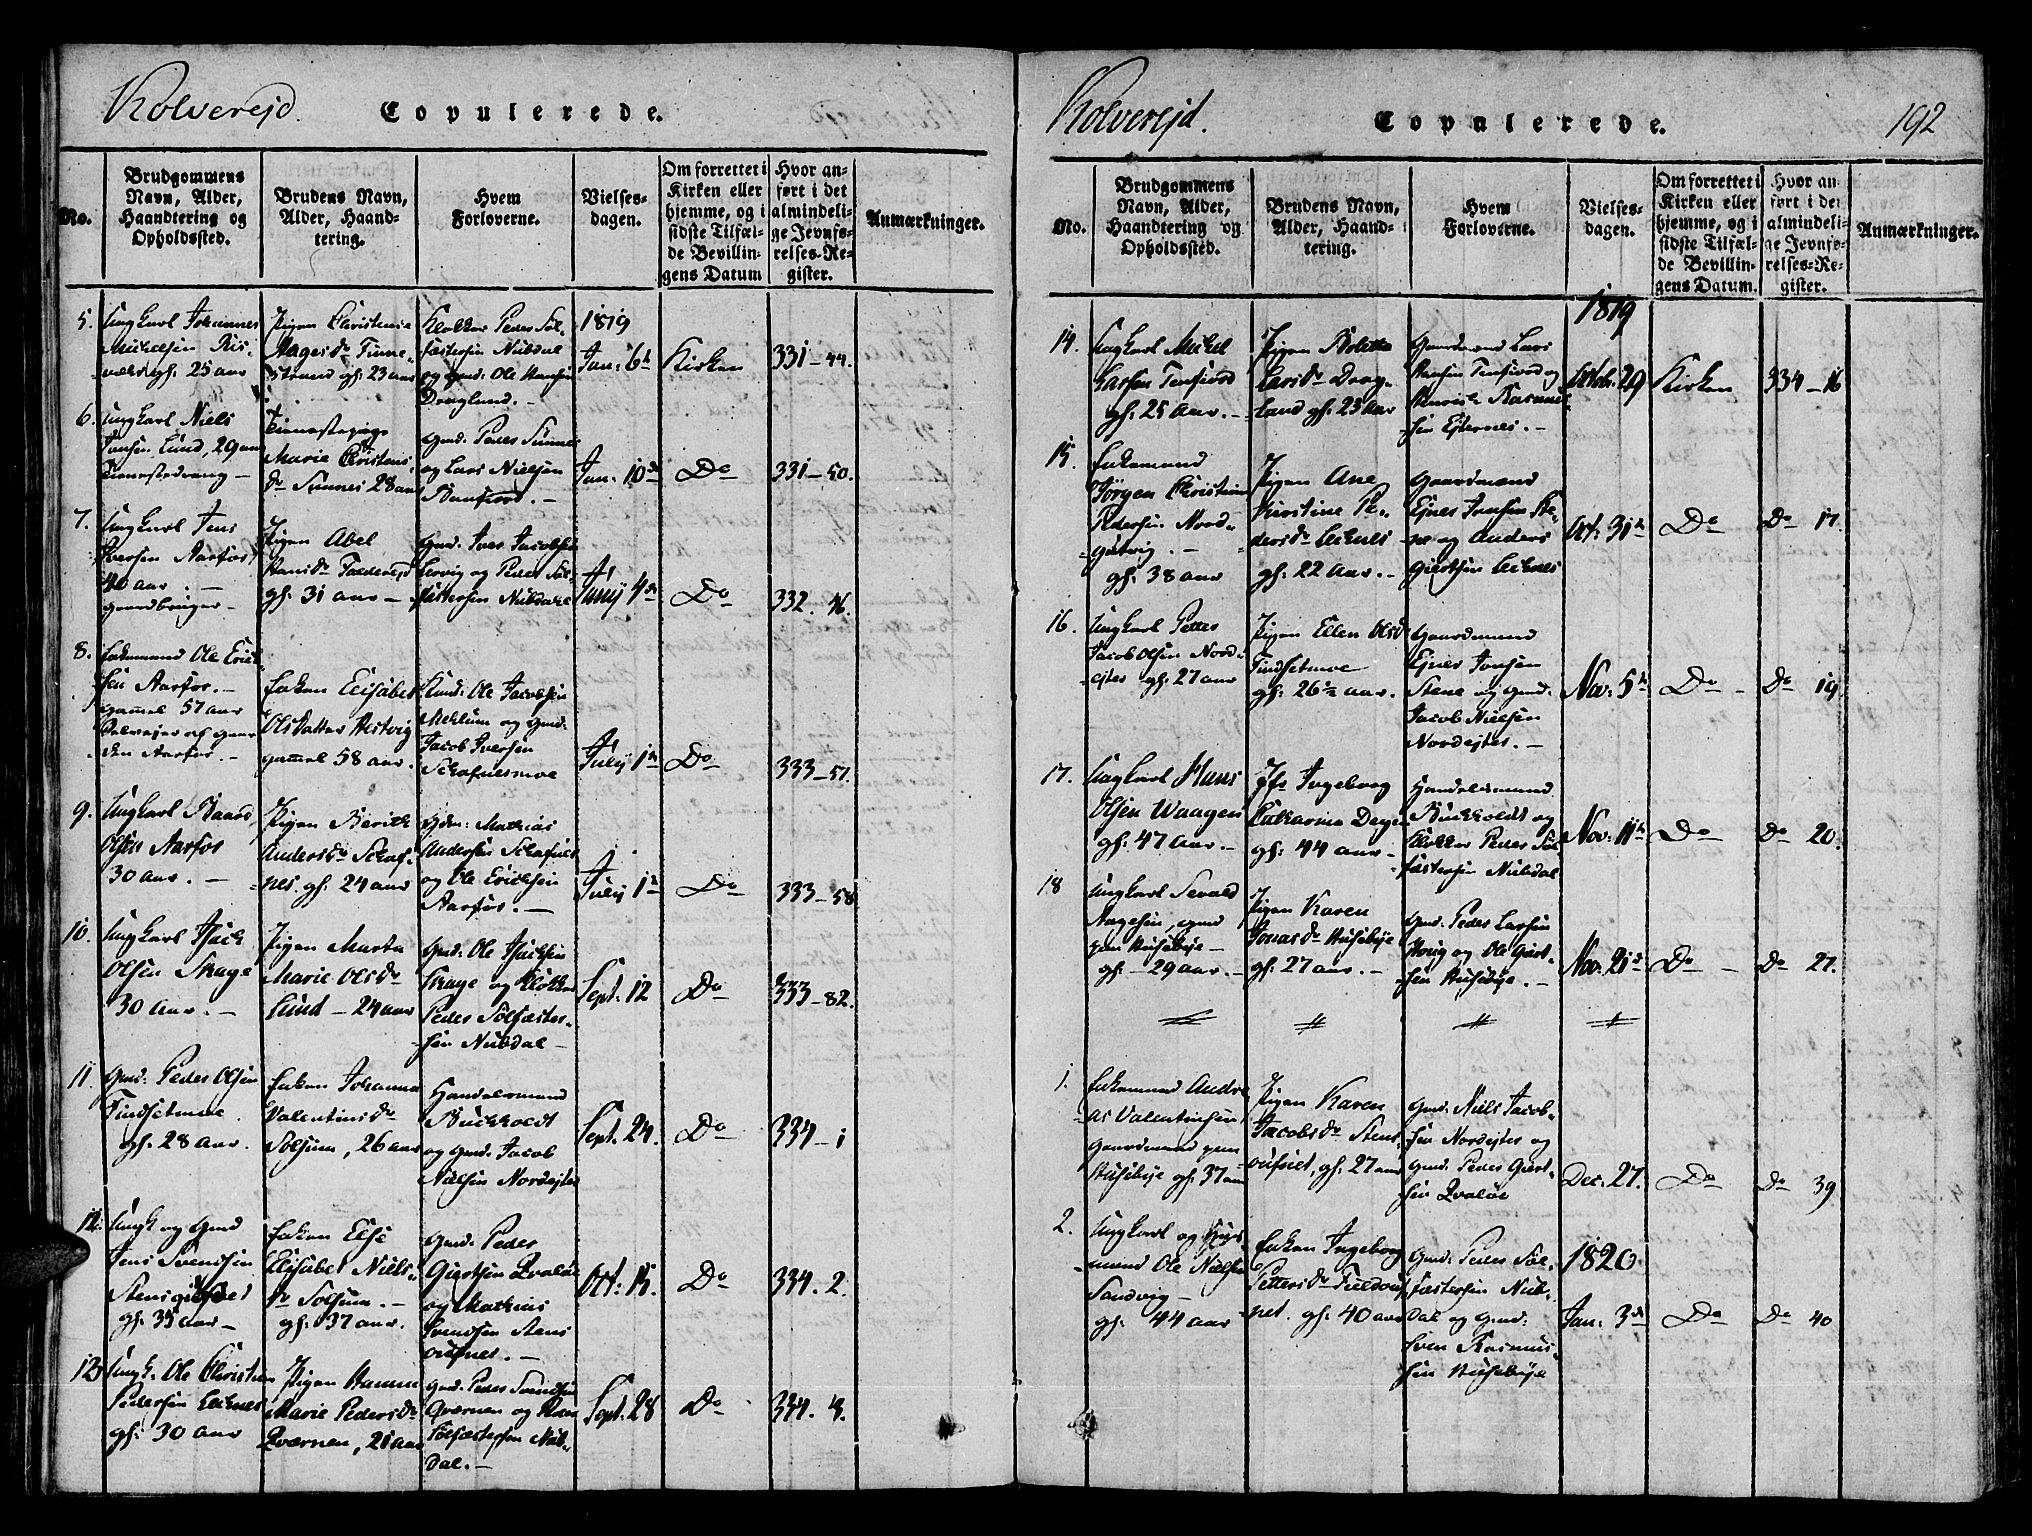 SAT, Ministerialprotokoller, klokkerbøker og fødselsregistre - Nord-Trøndelag, 780/L0636: Ministerialbok nr. 780A03 /1, 1815-1830, s. 192